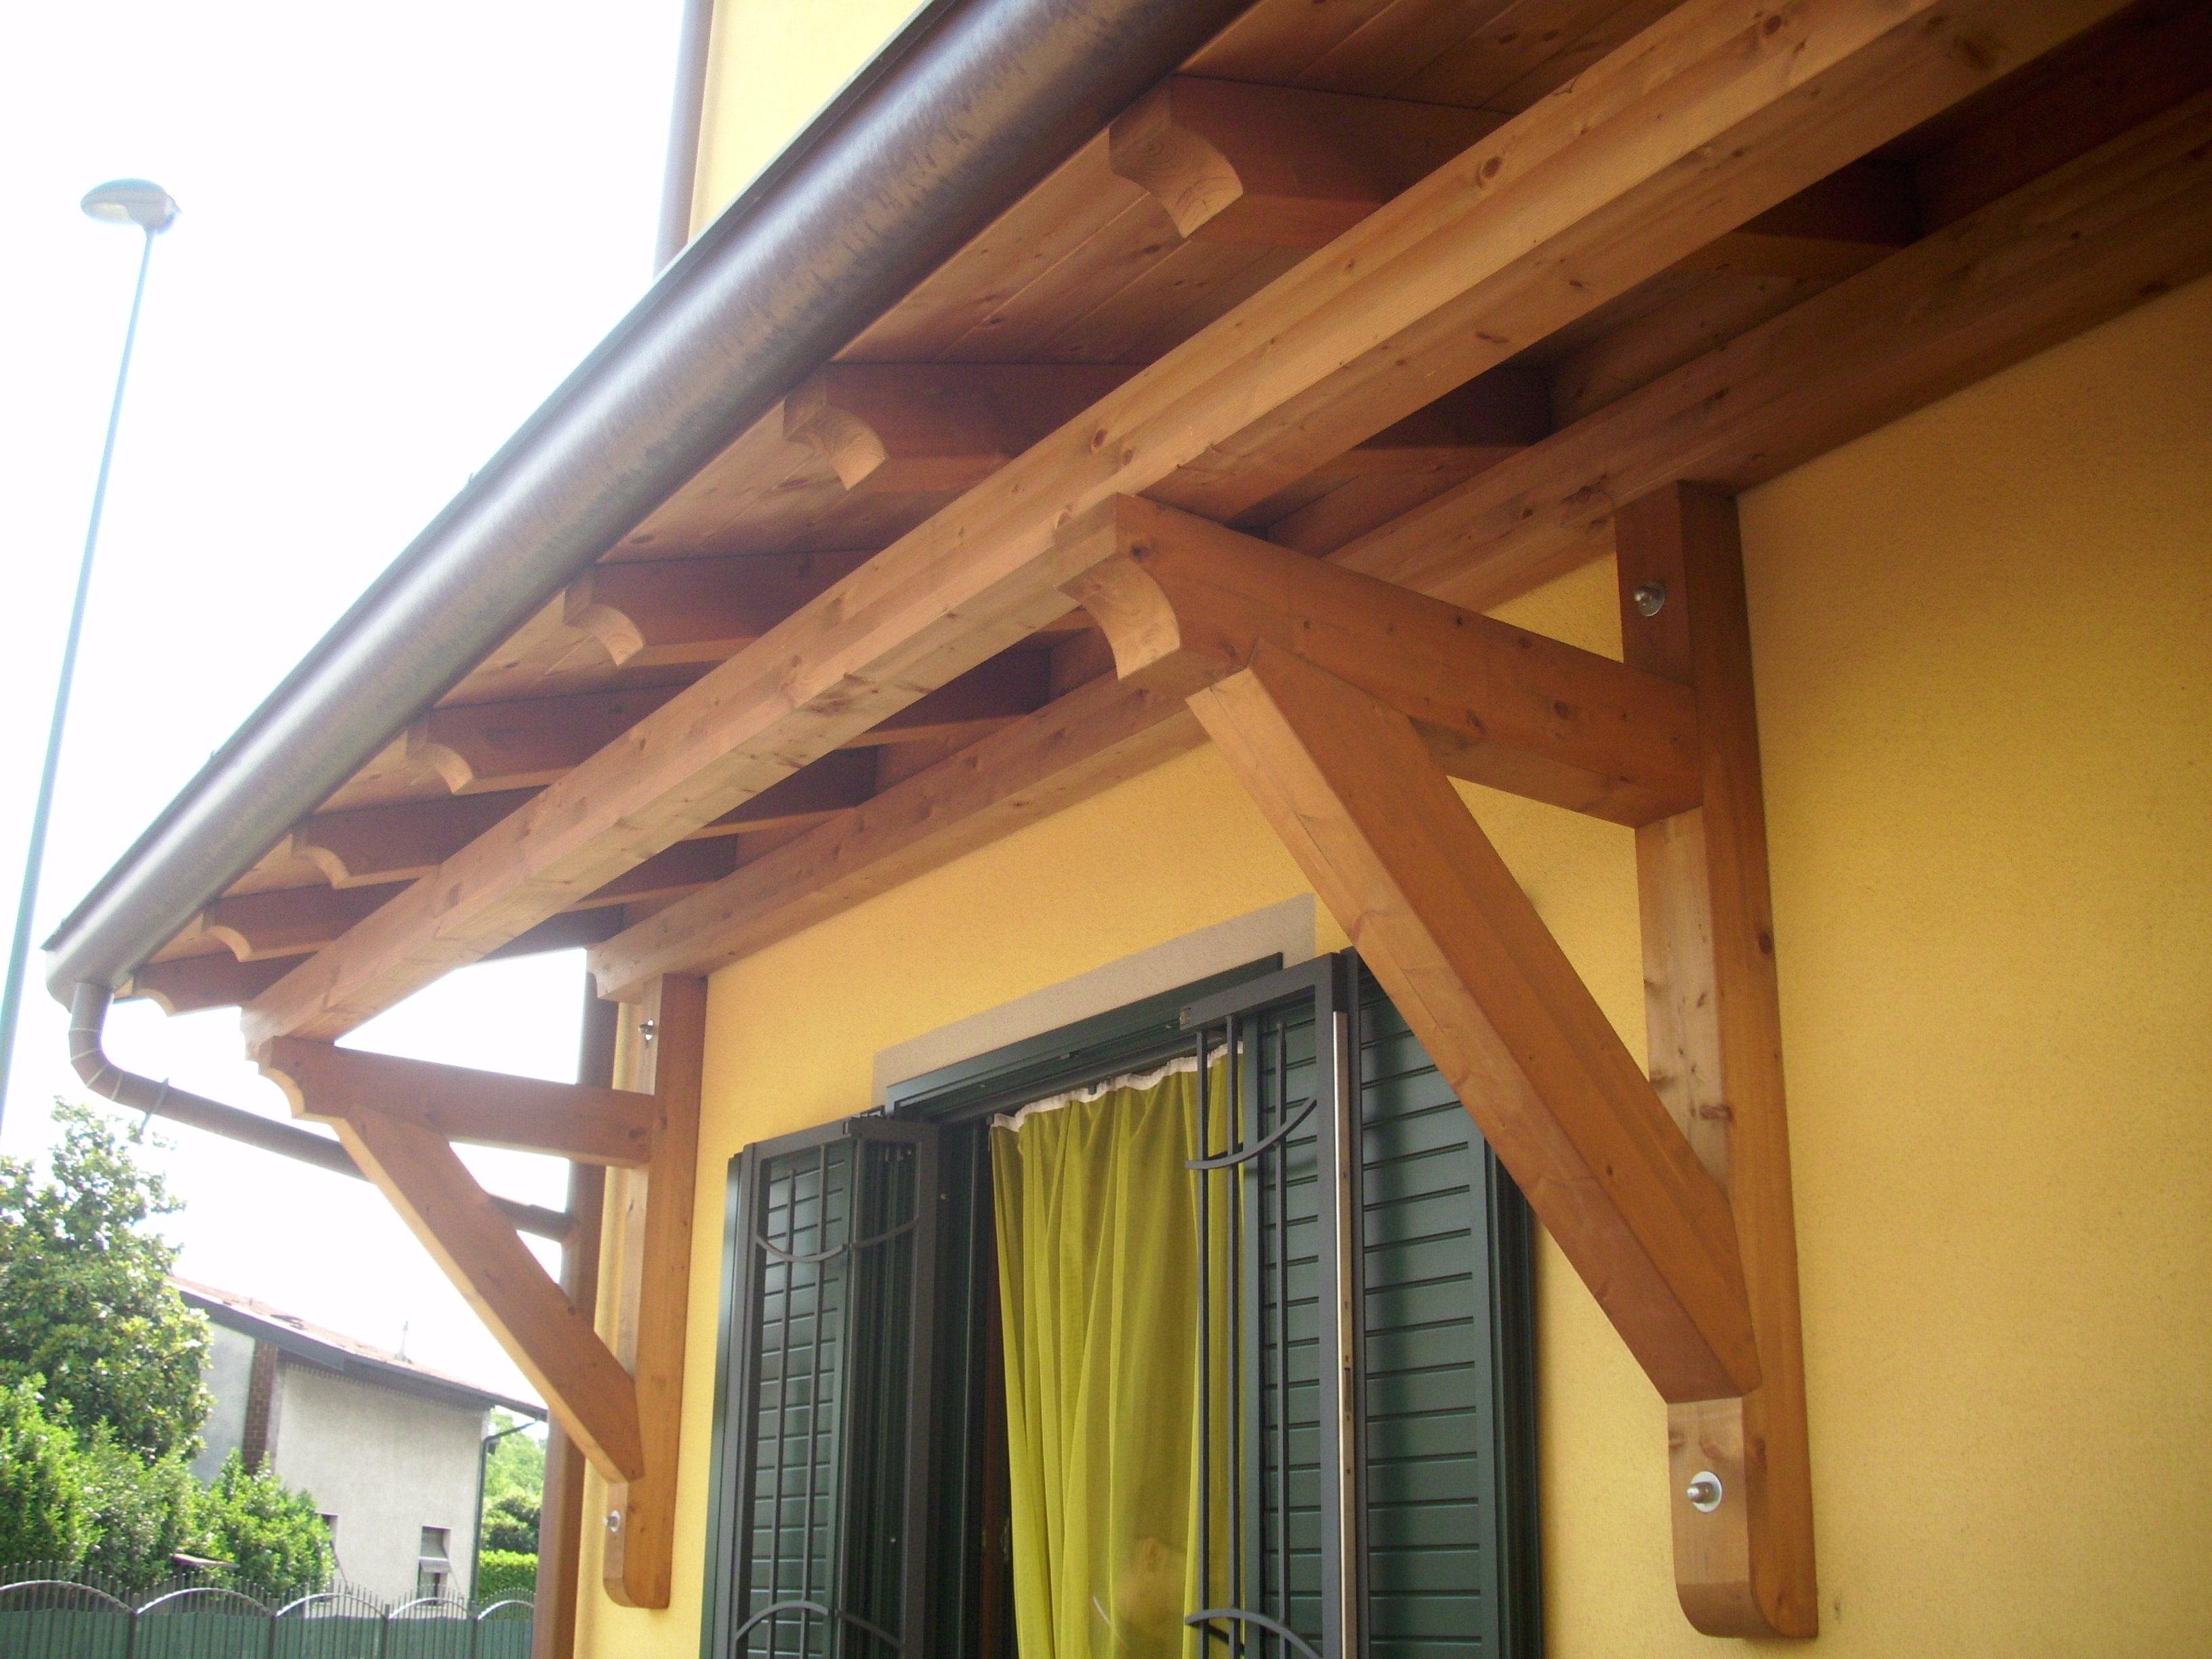 Pensilina in legno lamellare a sbalzo cologno monzese for Tettoie in legno leroy merlin